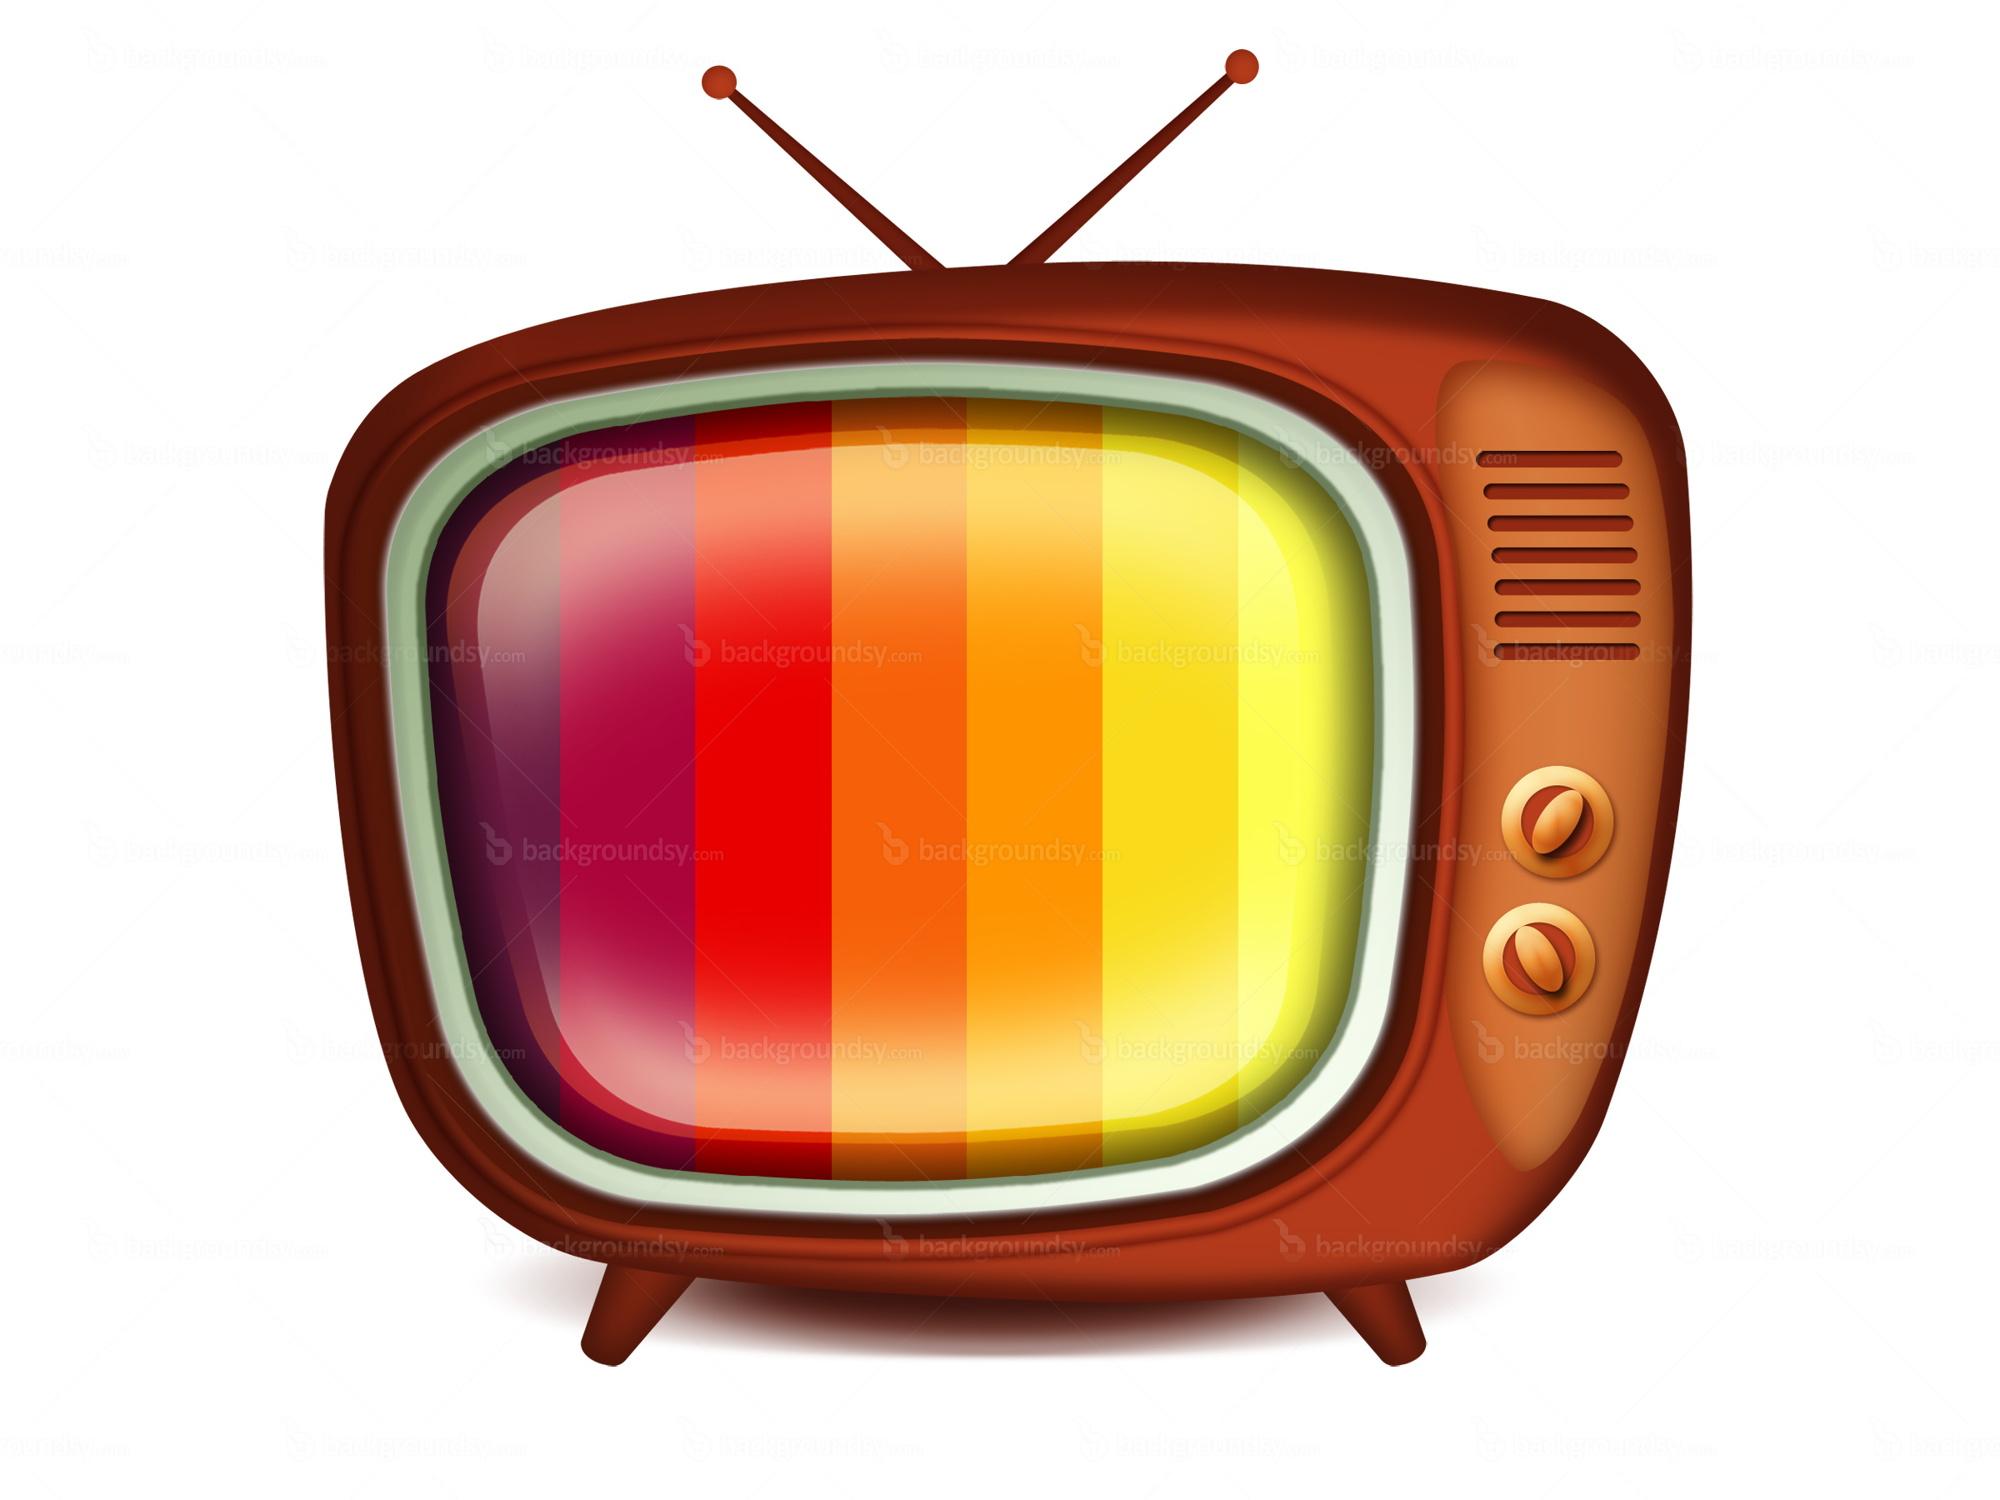 retro tv icon  psd  backgroundsy com carthago wohnmobil 2019 carthago wohnmobil 2019